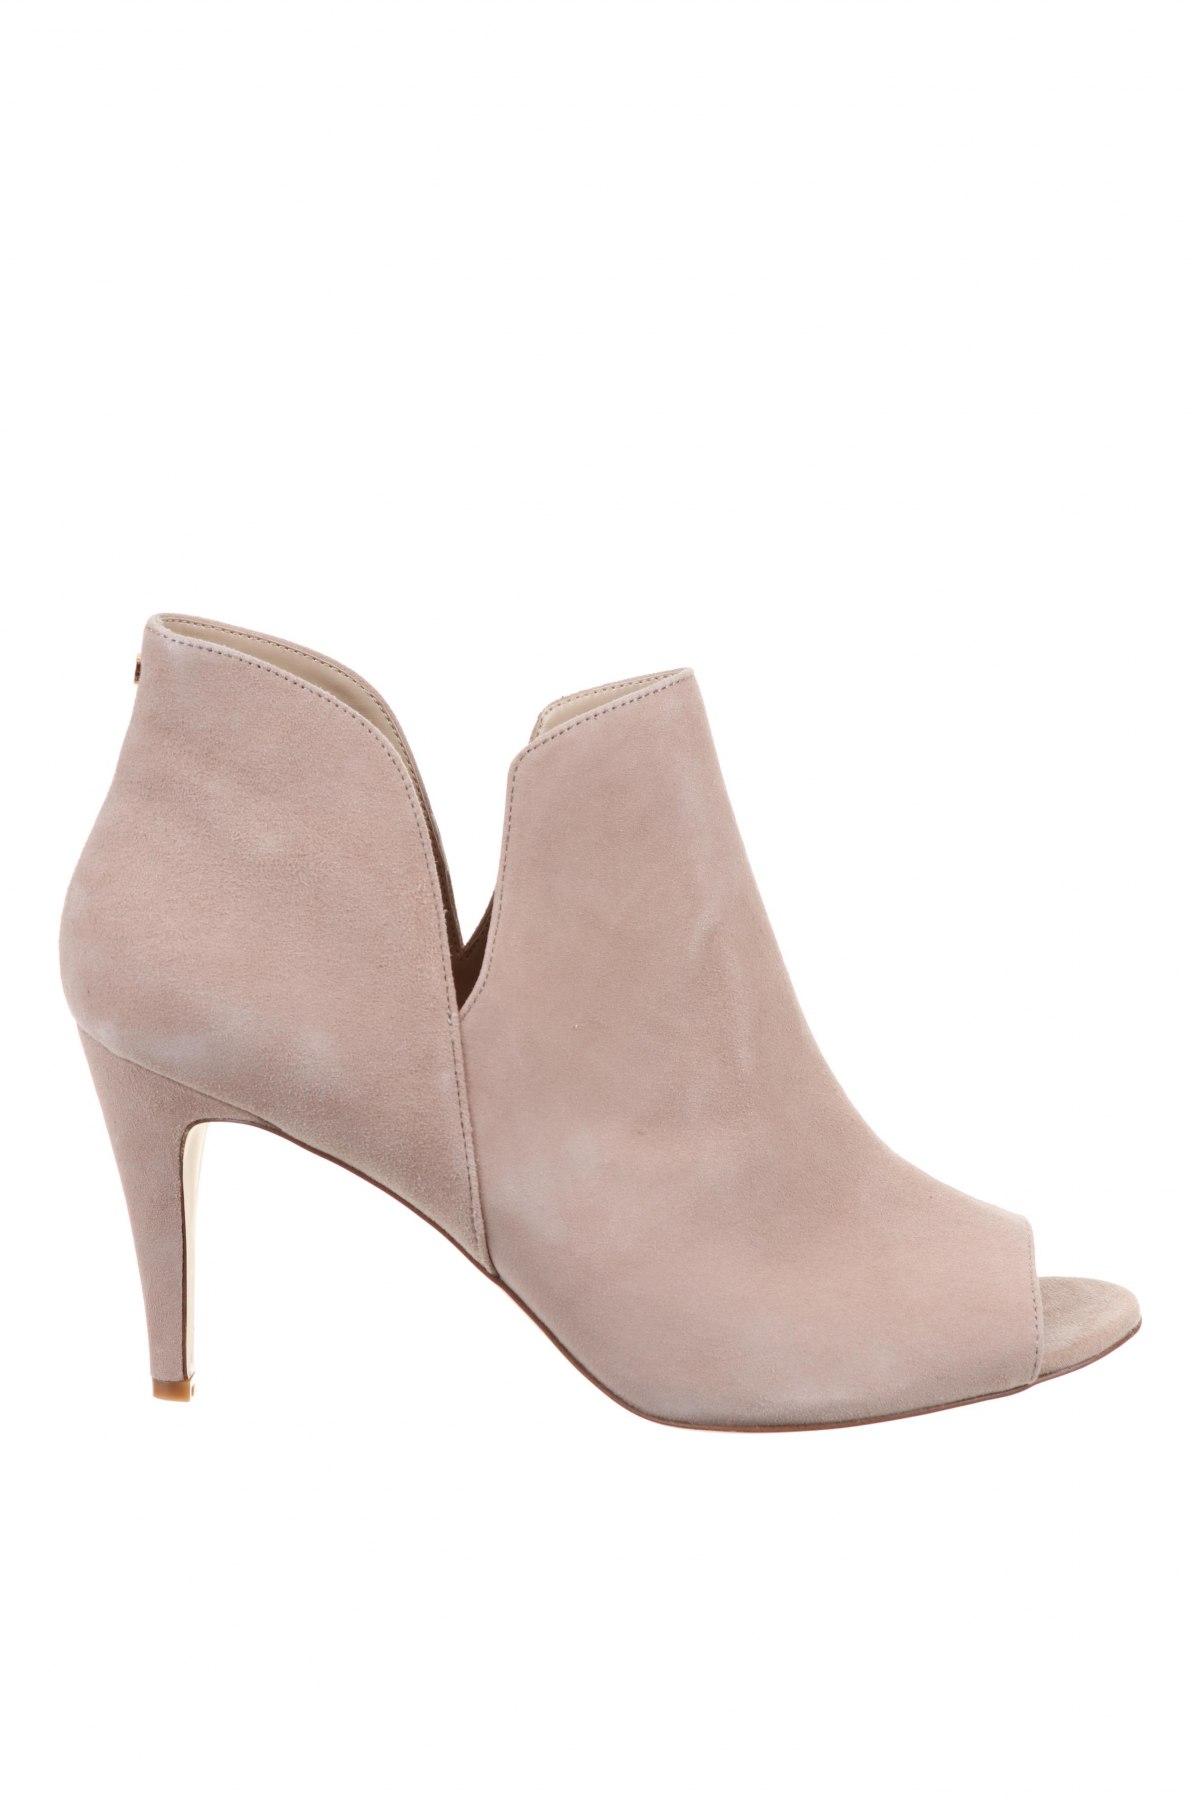 Дамски обувки Anna Field, Размер 44, Цвят Бежов, Естествен велур, Цена 28,00лв.